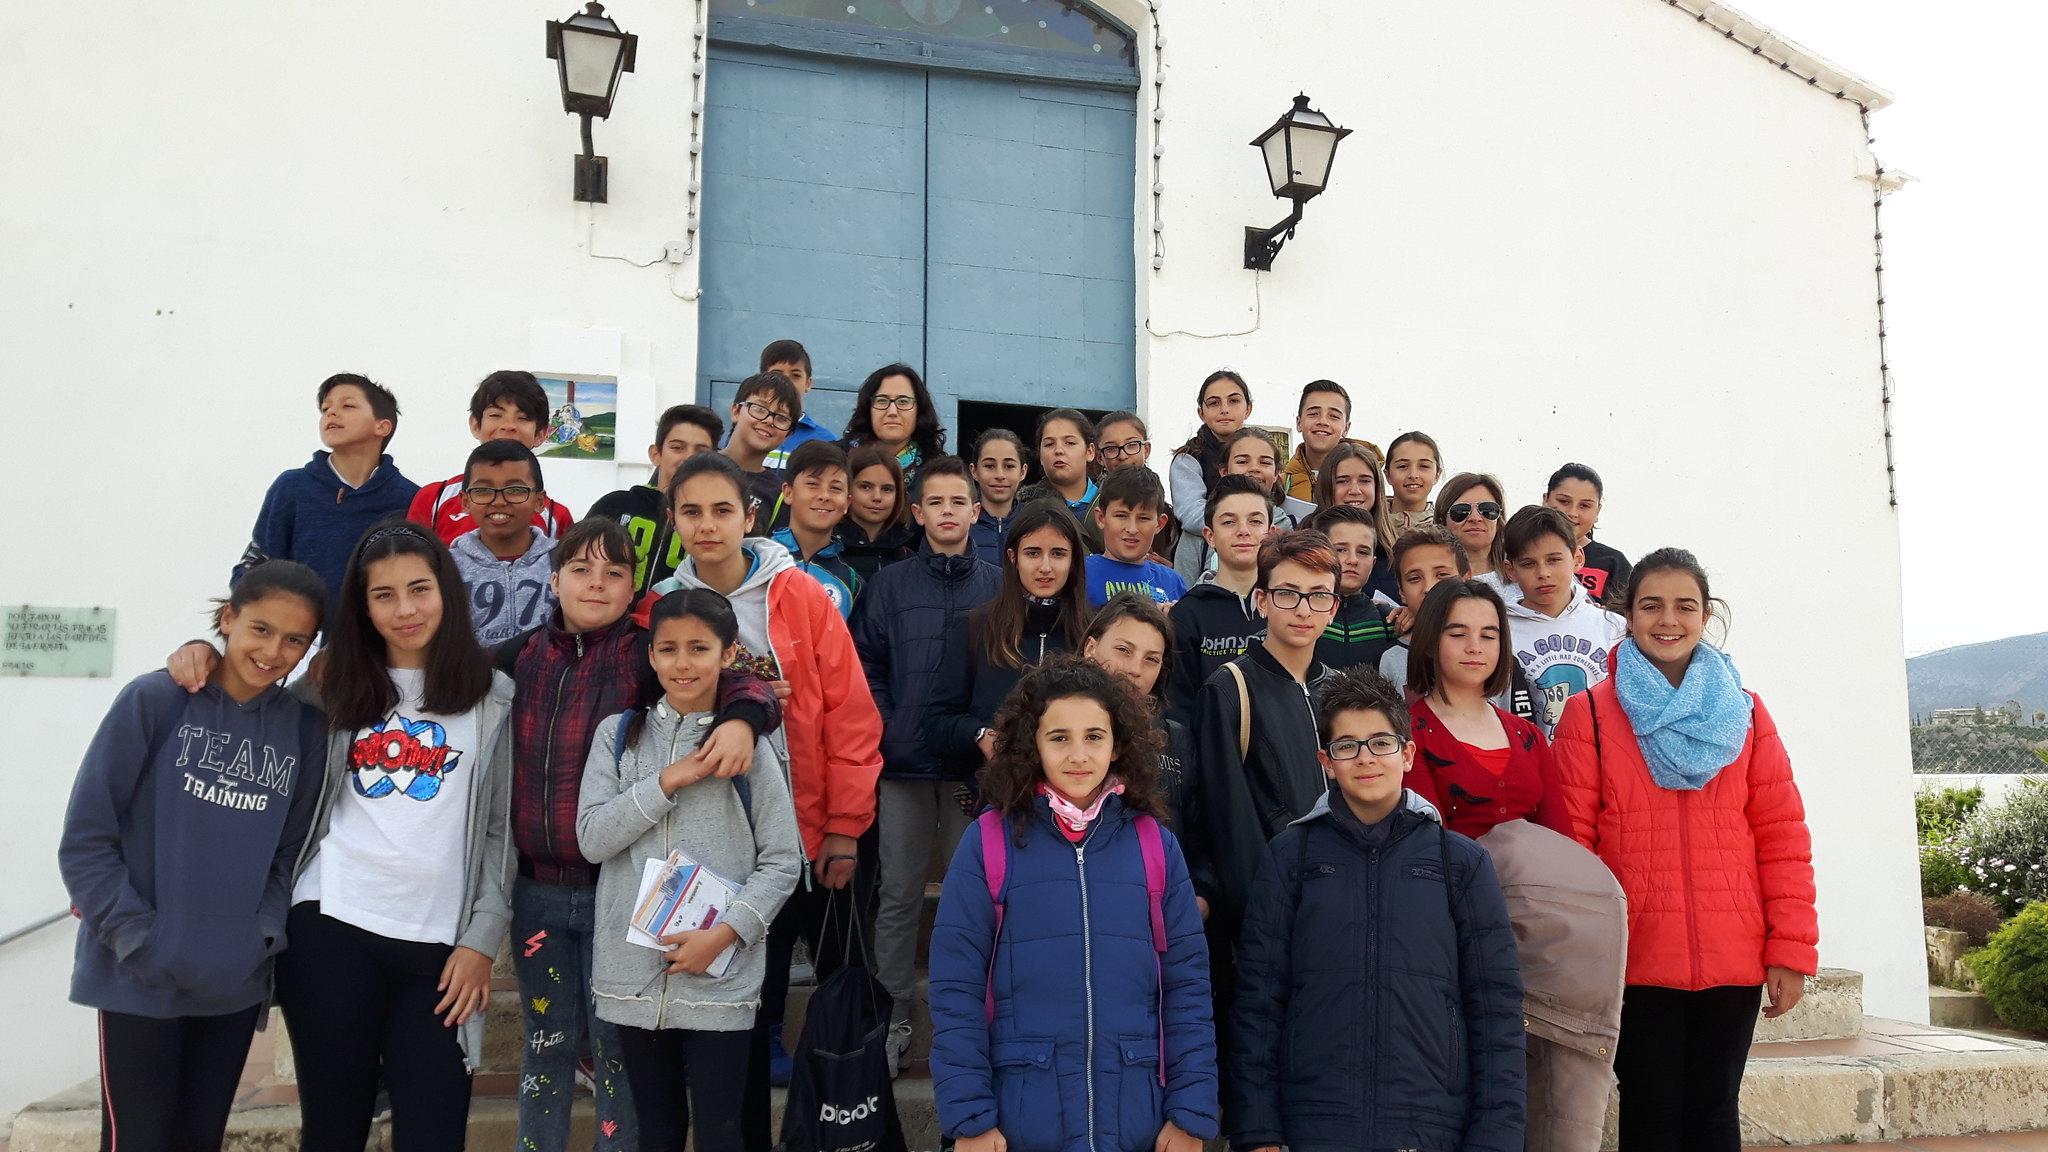 (2017-03-31) - Visita ermita alumnos Yolada-Pilar, Virrey Poveda-9 de Octubre - Maria Isabel Berenquer Brotons - (02)